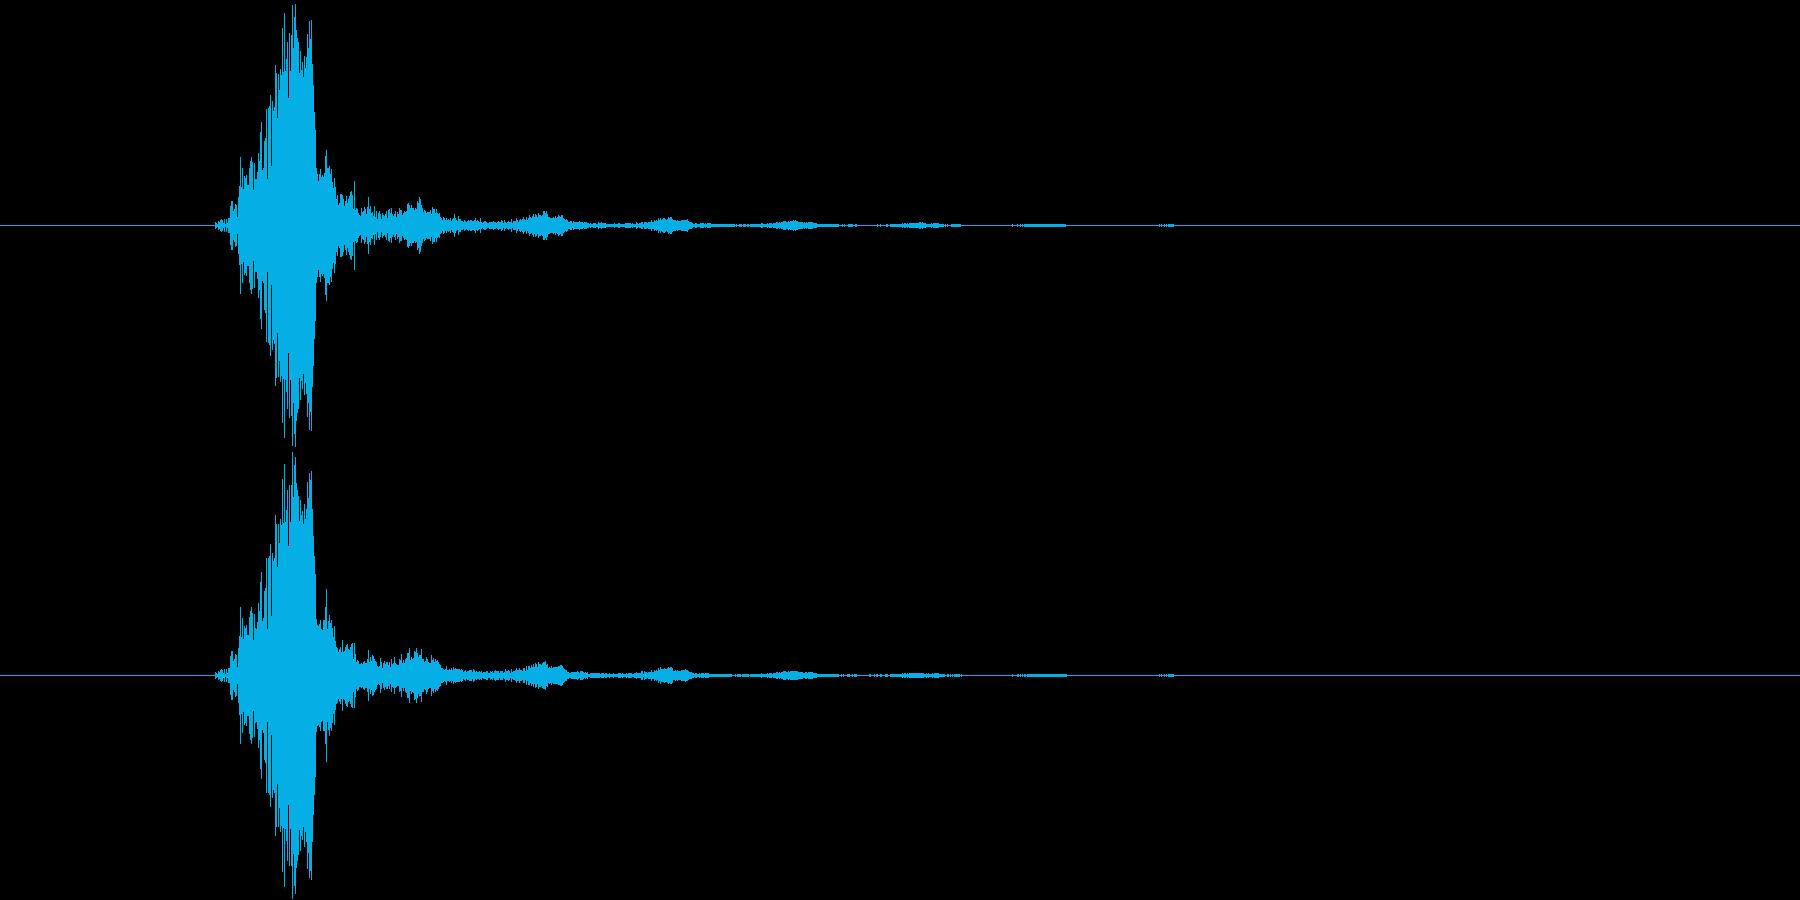 水滴が落ちるイメージのシンセ音の再生済みの波形